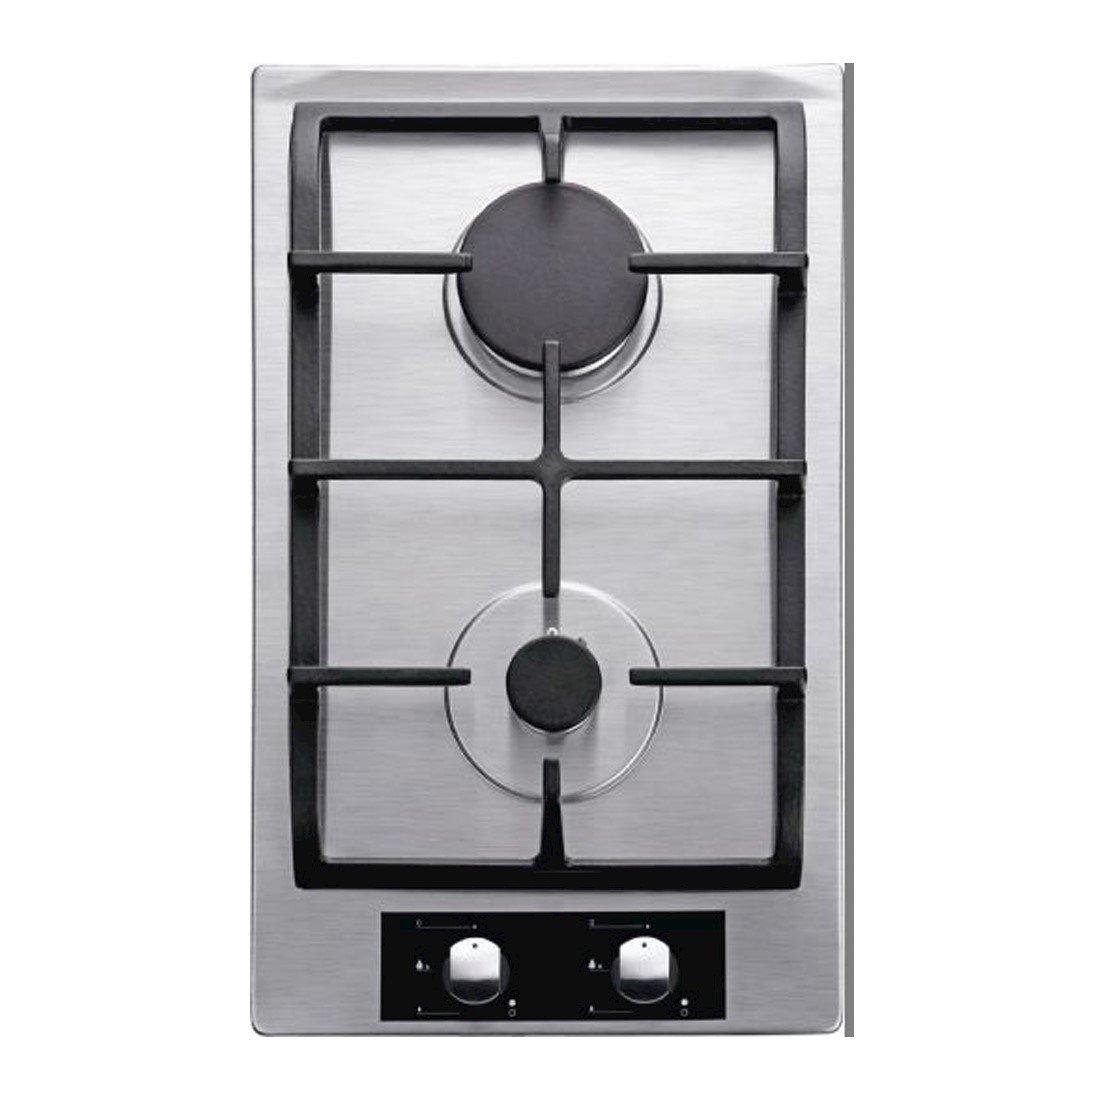 Cooktop Dominó à Gás Cuisinart Casual Cooking 2 Queimadores Inox 30cm 220V P320SX